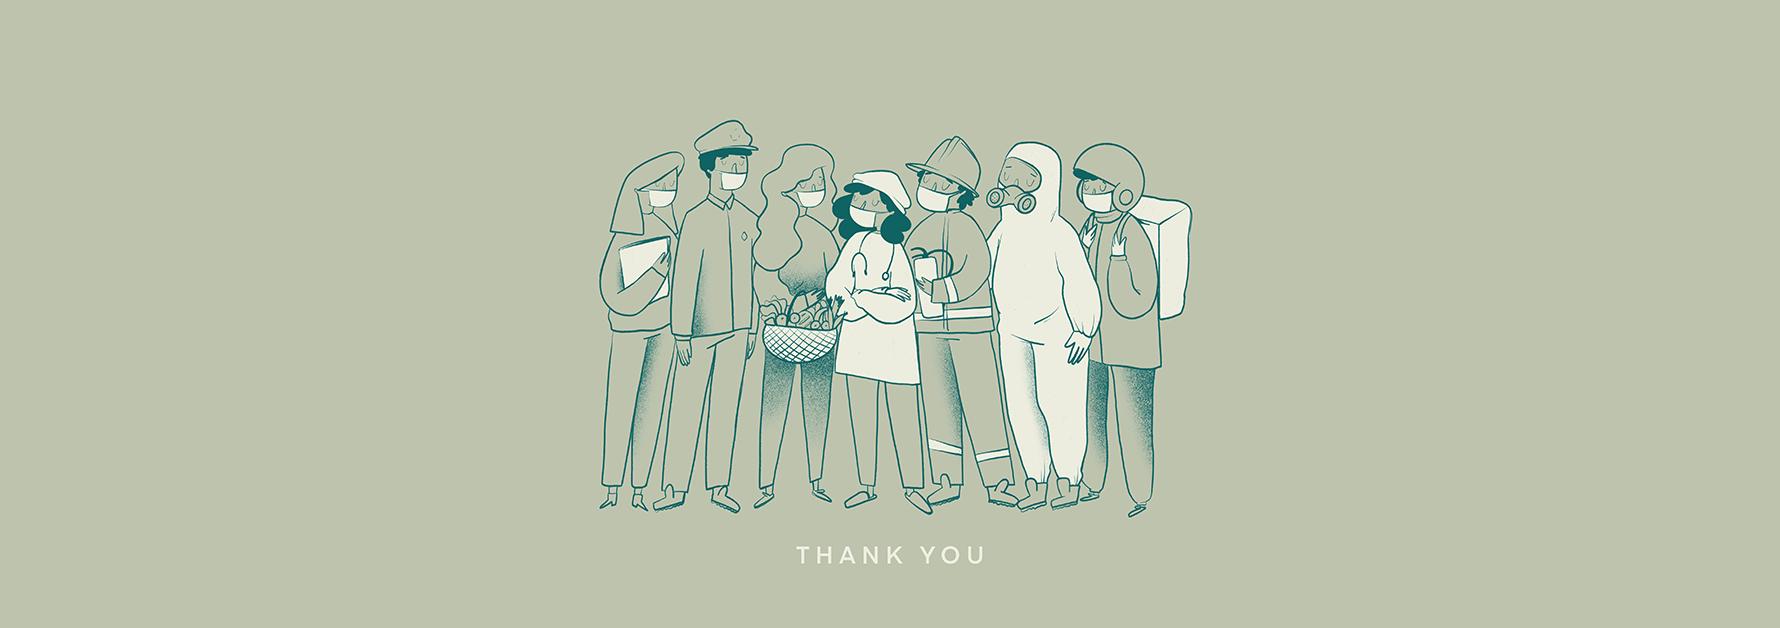 Agradecimiento a todo el mundo por su comportamiento durante la pandemia de Covid-19